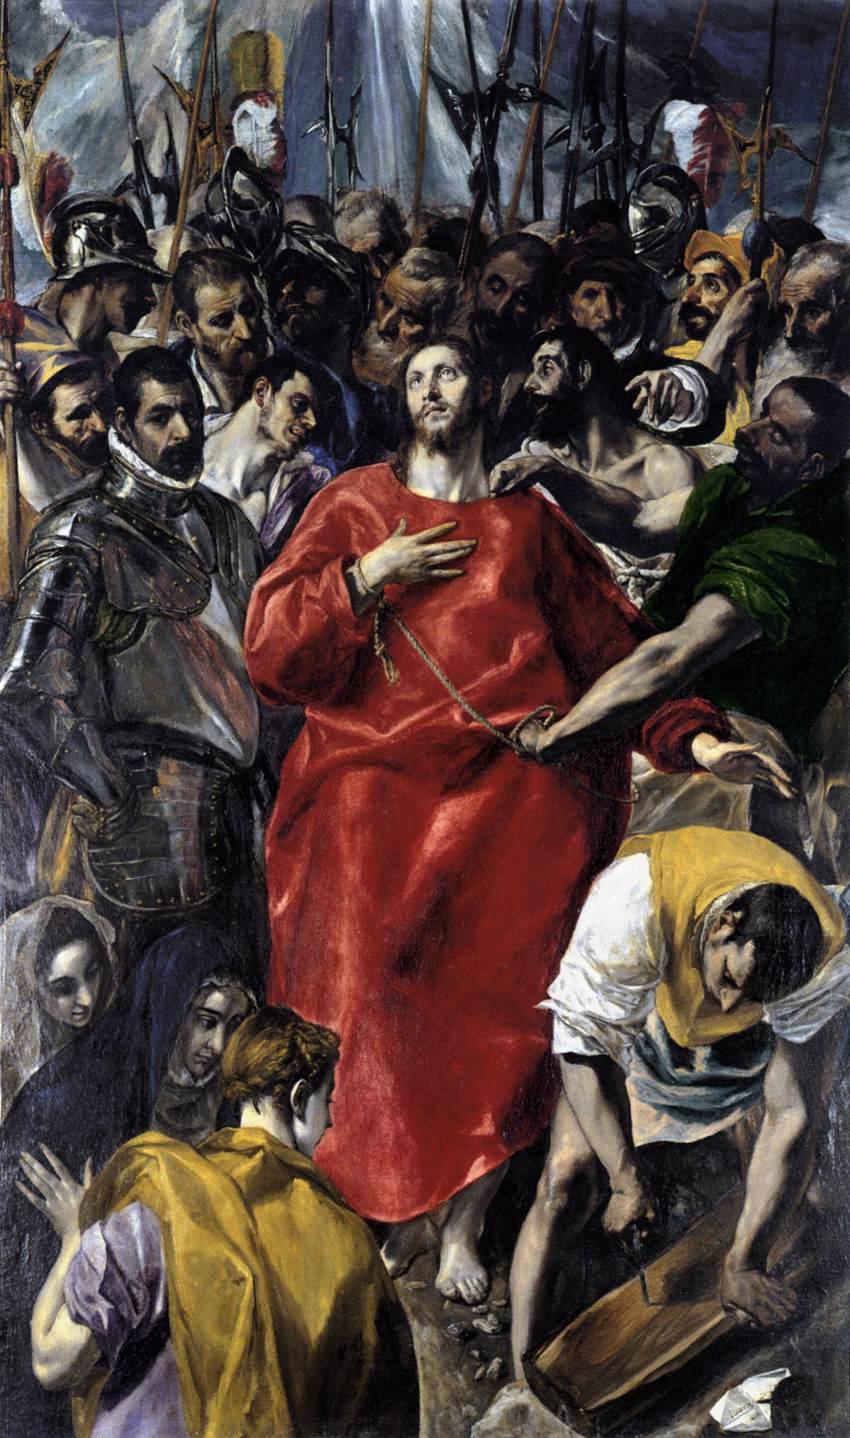 El Greco, The Expolio. Private Collection.